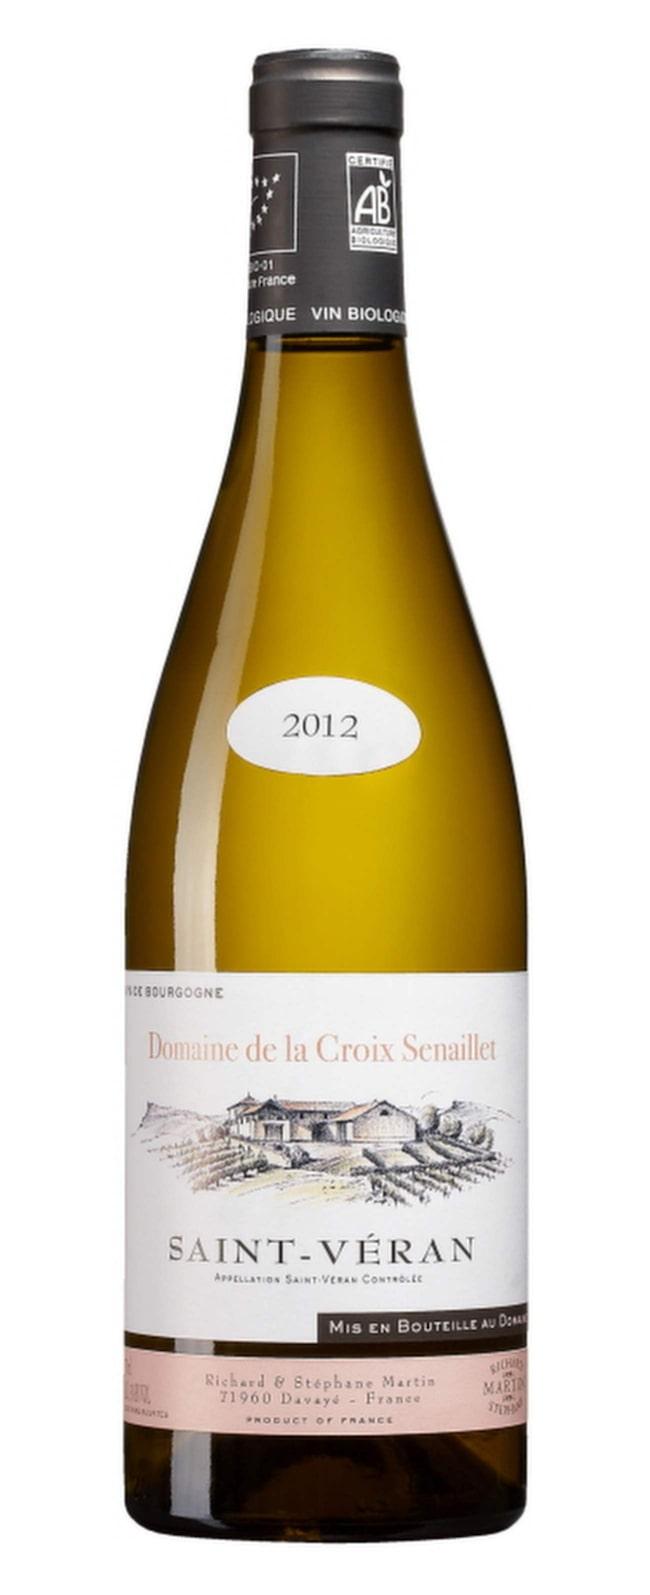 """Vitt<br><span class=""""wasp-icon""""></span><span class=""""wasp-icon""""></span><span class=""""wasp-icon""""></span><span class=""""wasp-icon""""></span><br><strong>Saint-Véran Domaine de la Croix Senaillet 2012 (5222) Frankrike, 121 kr</strong><br>Smakrikt med nyanserade toner av äpplen, vanilj och nötter. Frisk fruktsyra balanserar. Gott till stekt kyckling."""